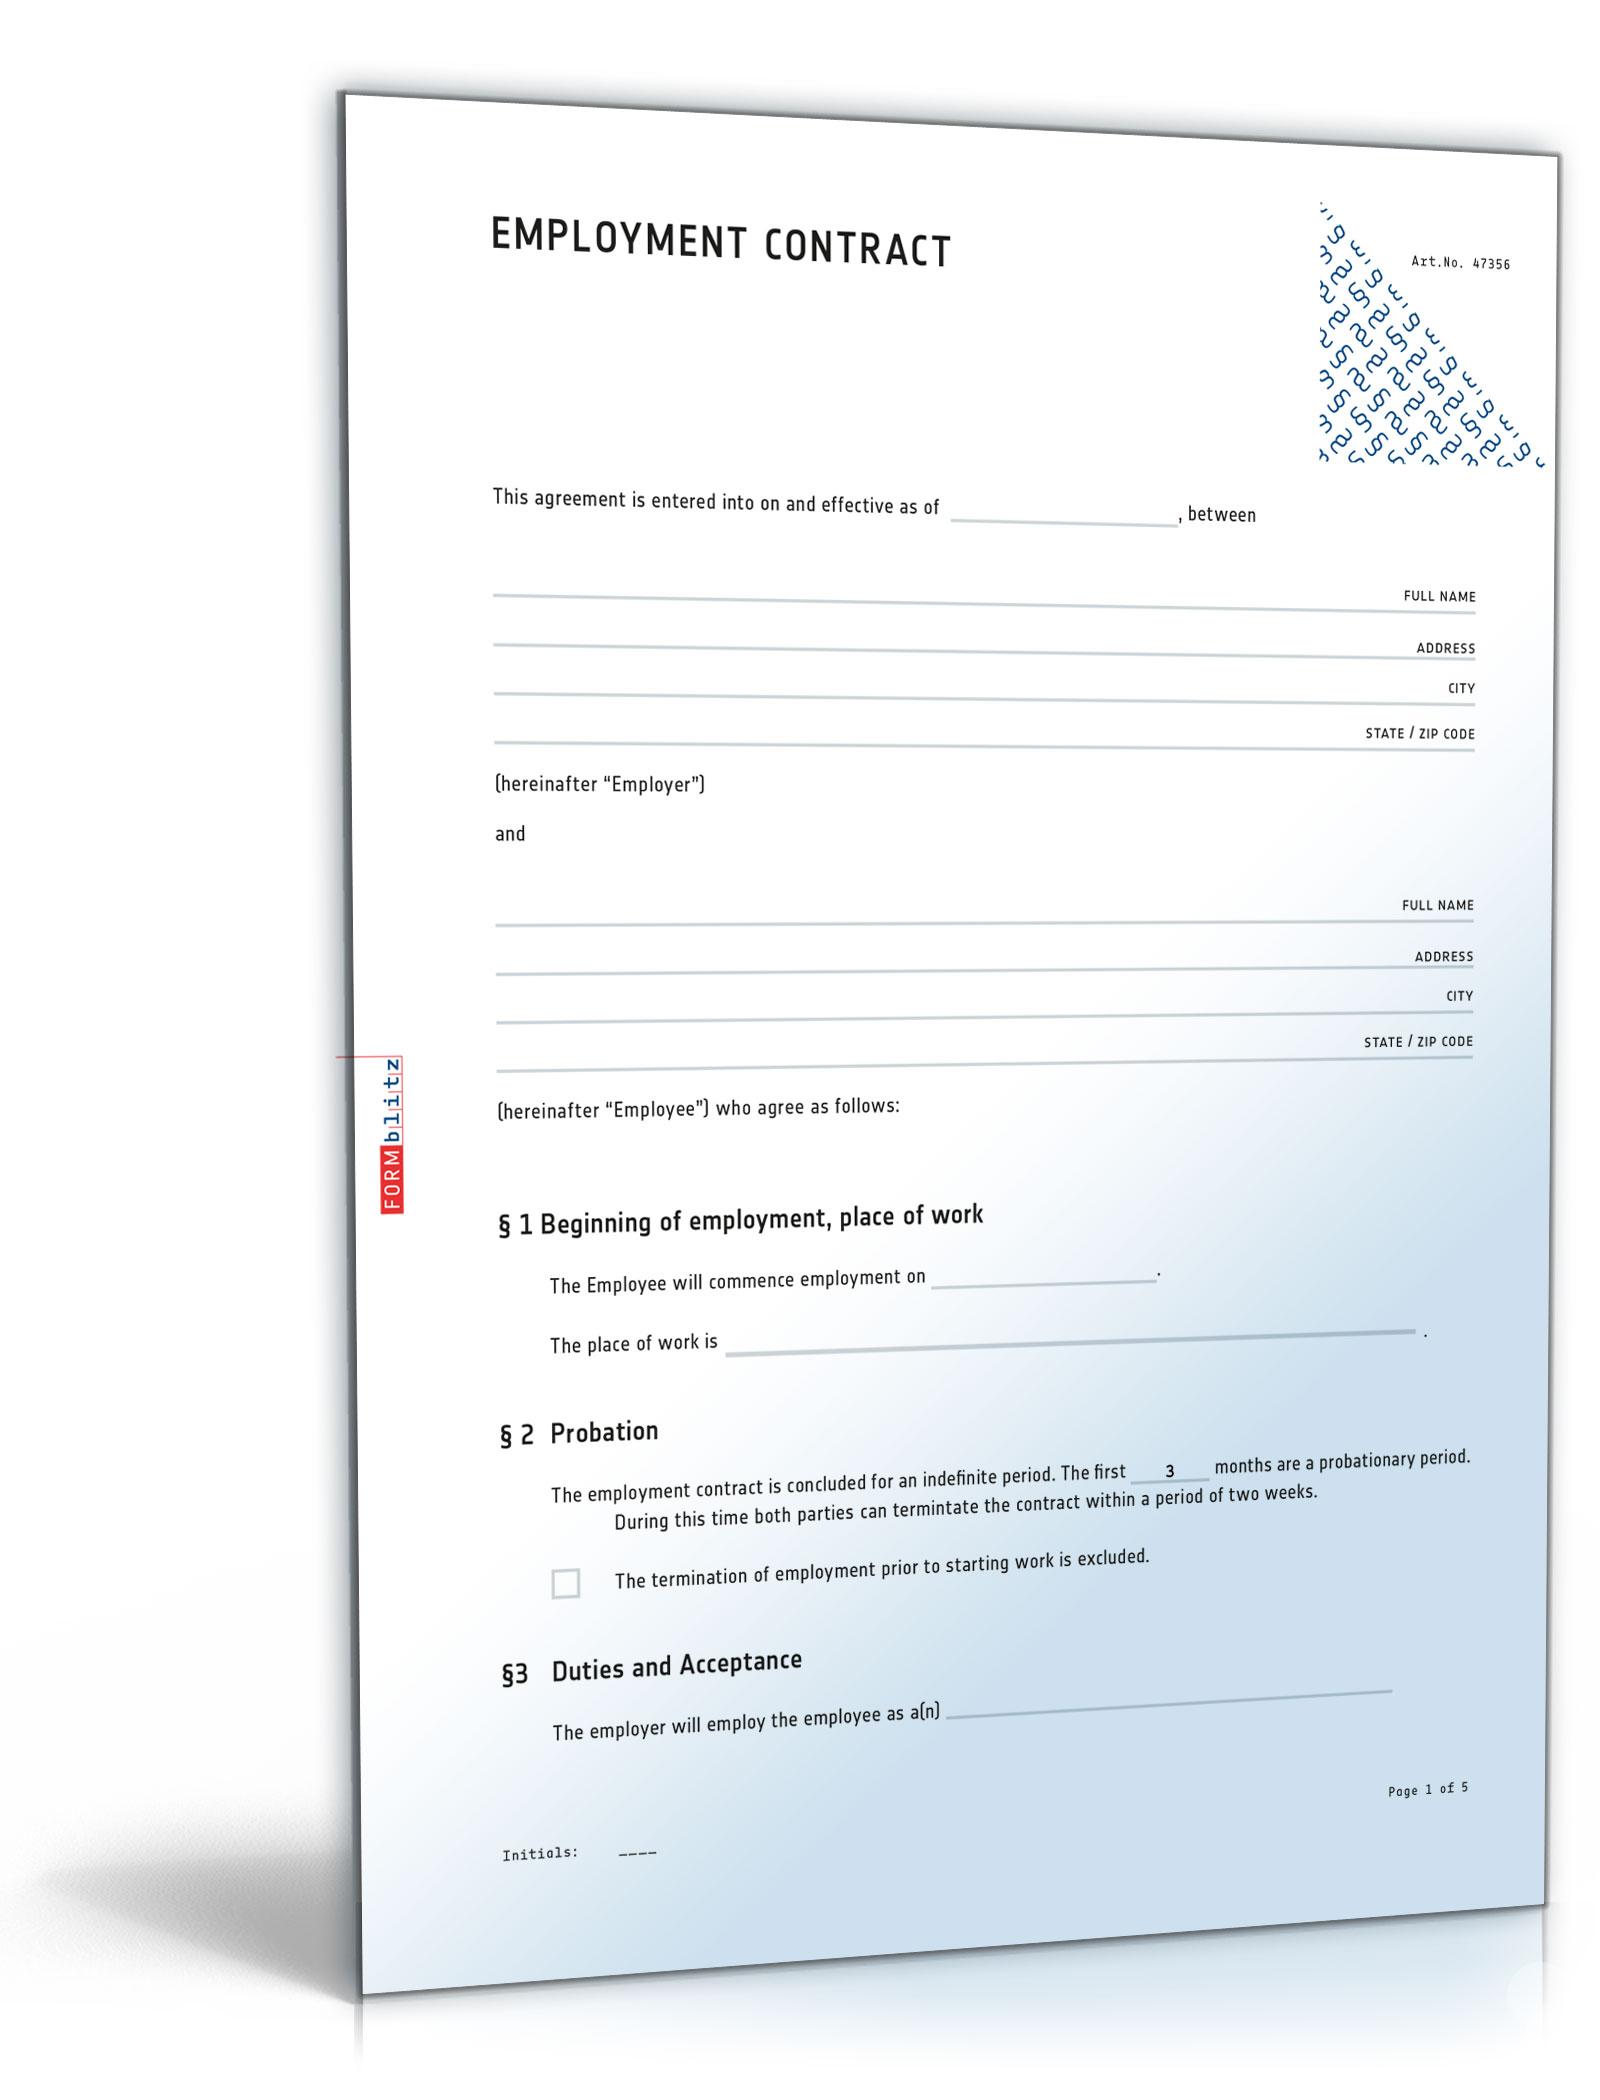 Arbeitsvertrag Mit Englischer übersetzung De Vertrag Download